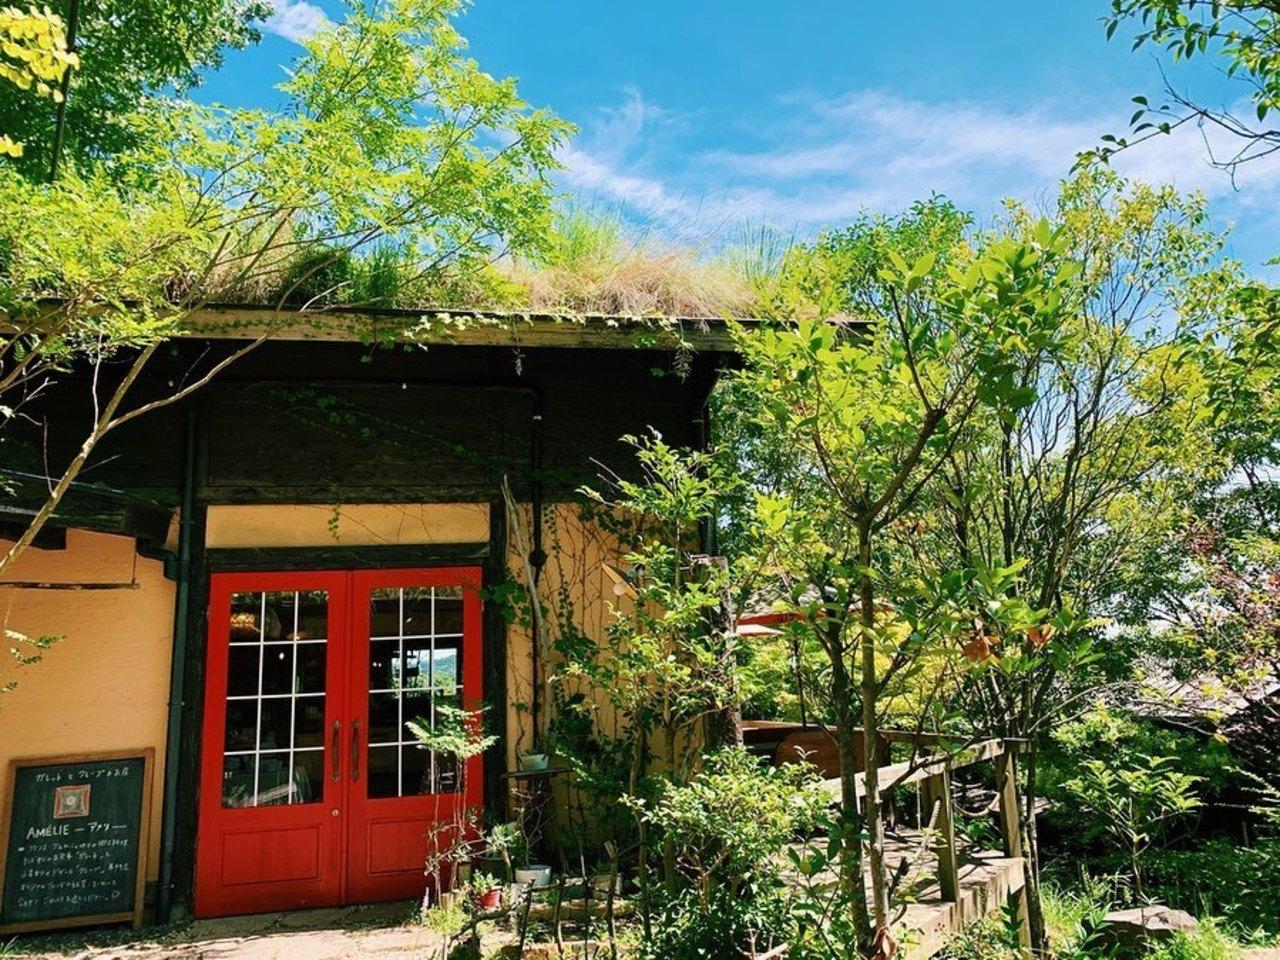 ガレットとクレープのお店。。長崎県諫早市森山町 風の森内の『アメリ』